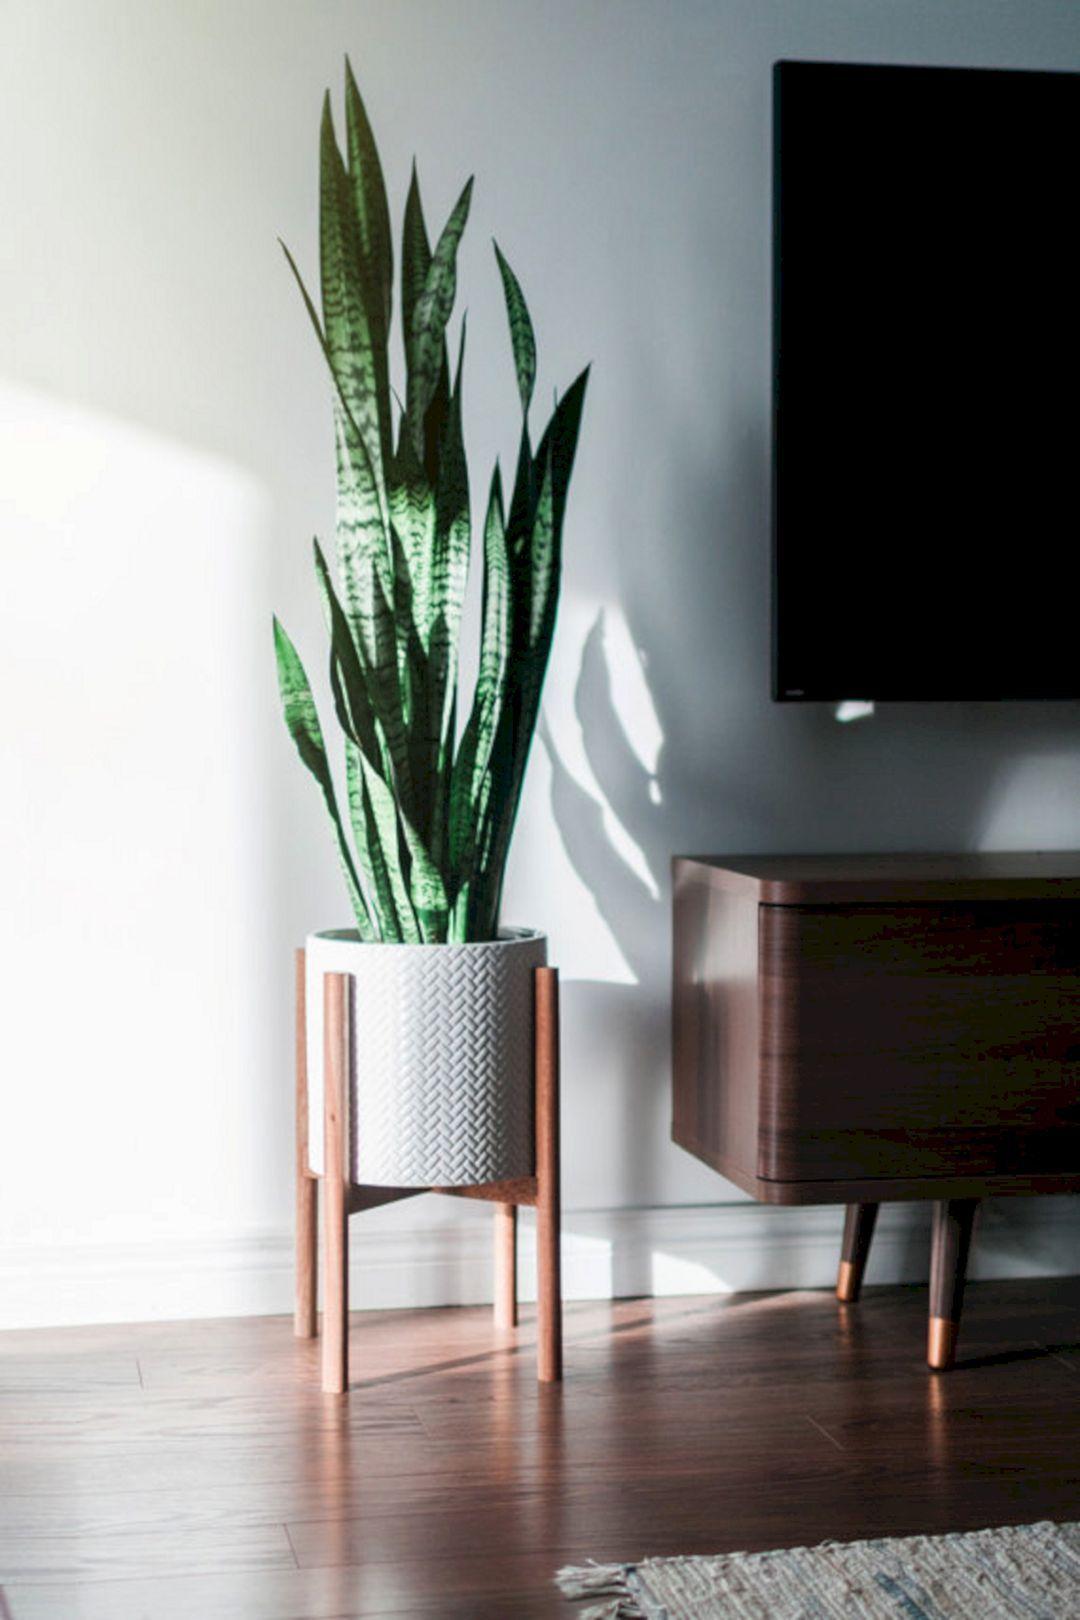 top ideas about mid century modern decor 65 pinterest plante interieur plantes et chambres. Black Bedroom Furniture Sets. Home Design Ideas